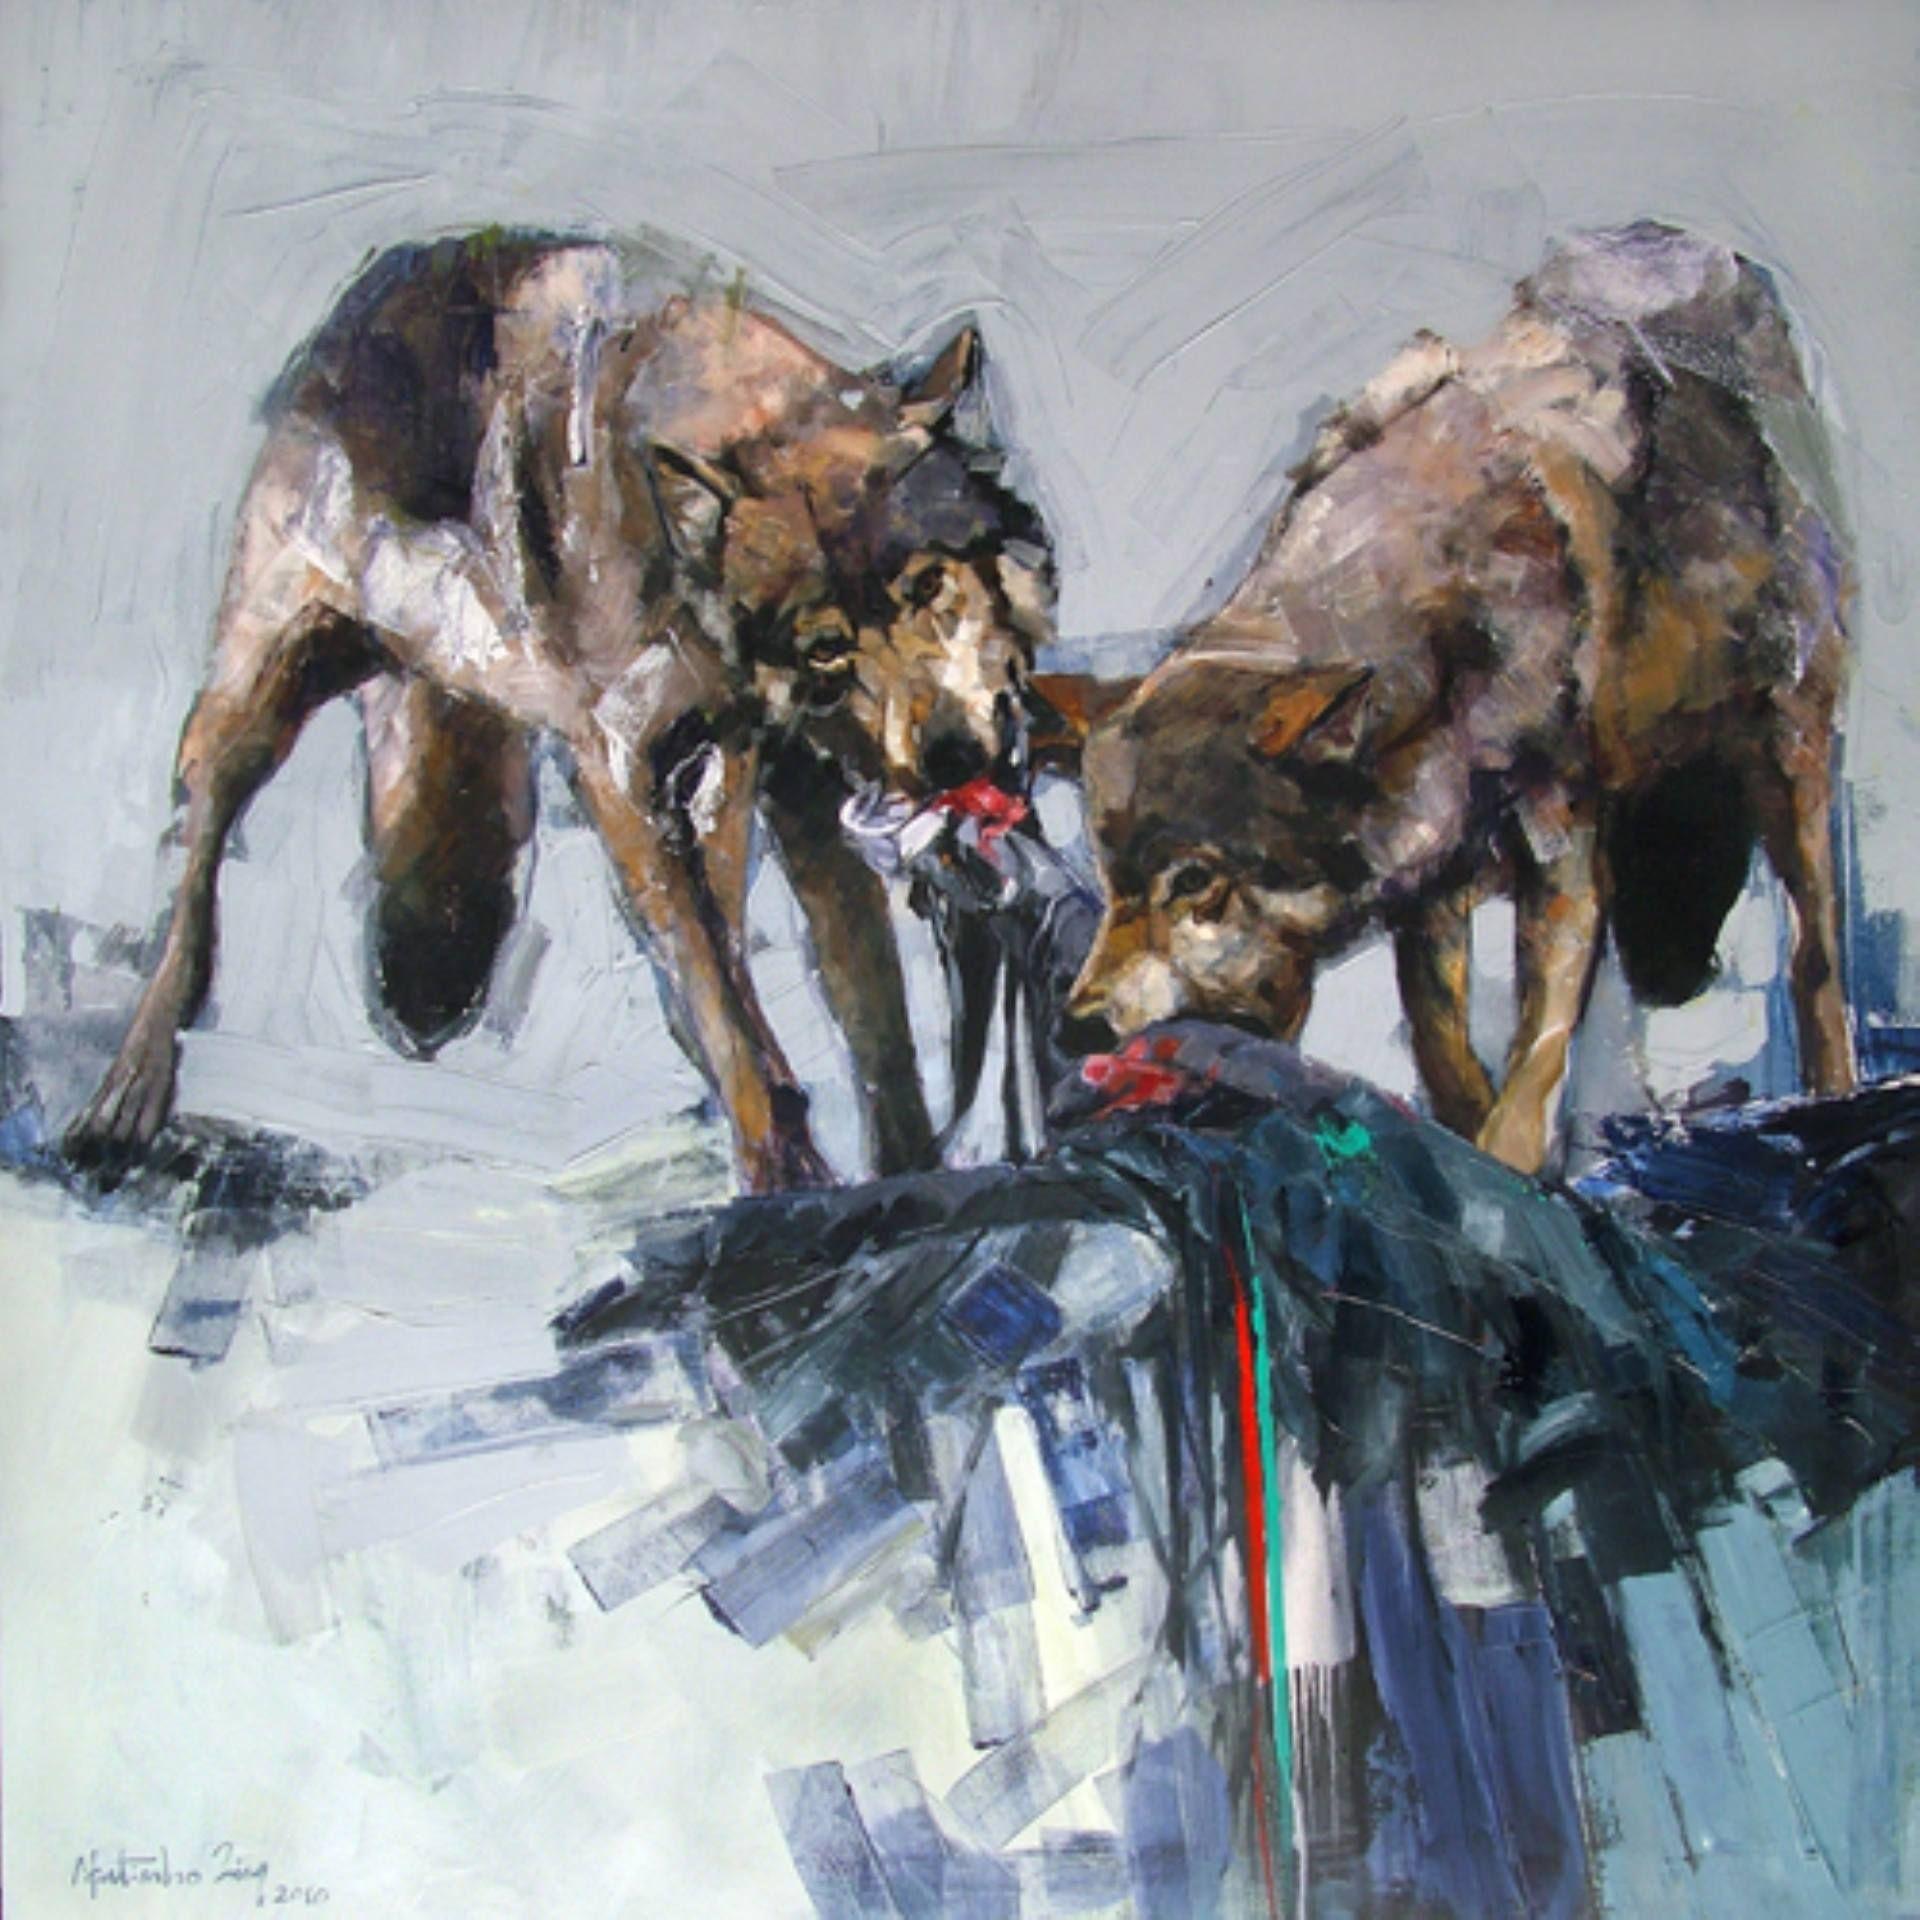 acrylic on canvas 130 x 130 cm 2010